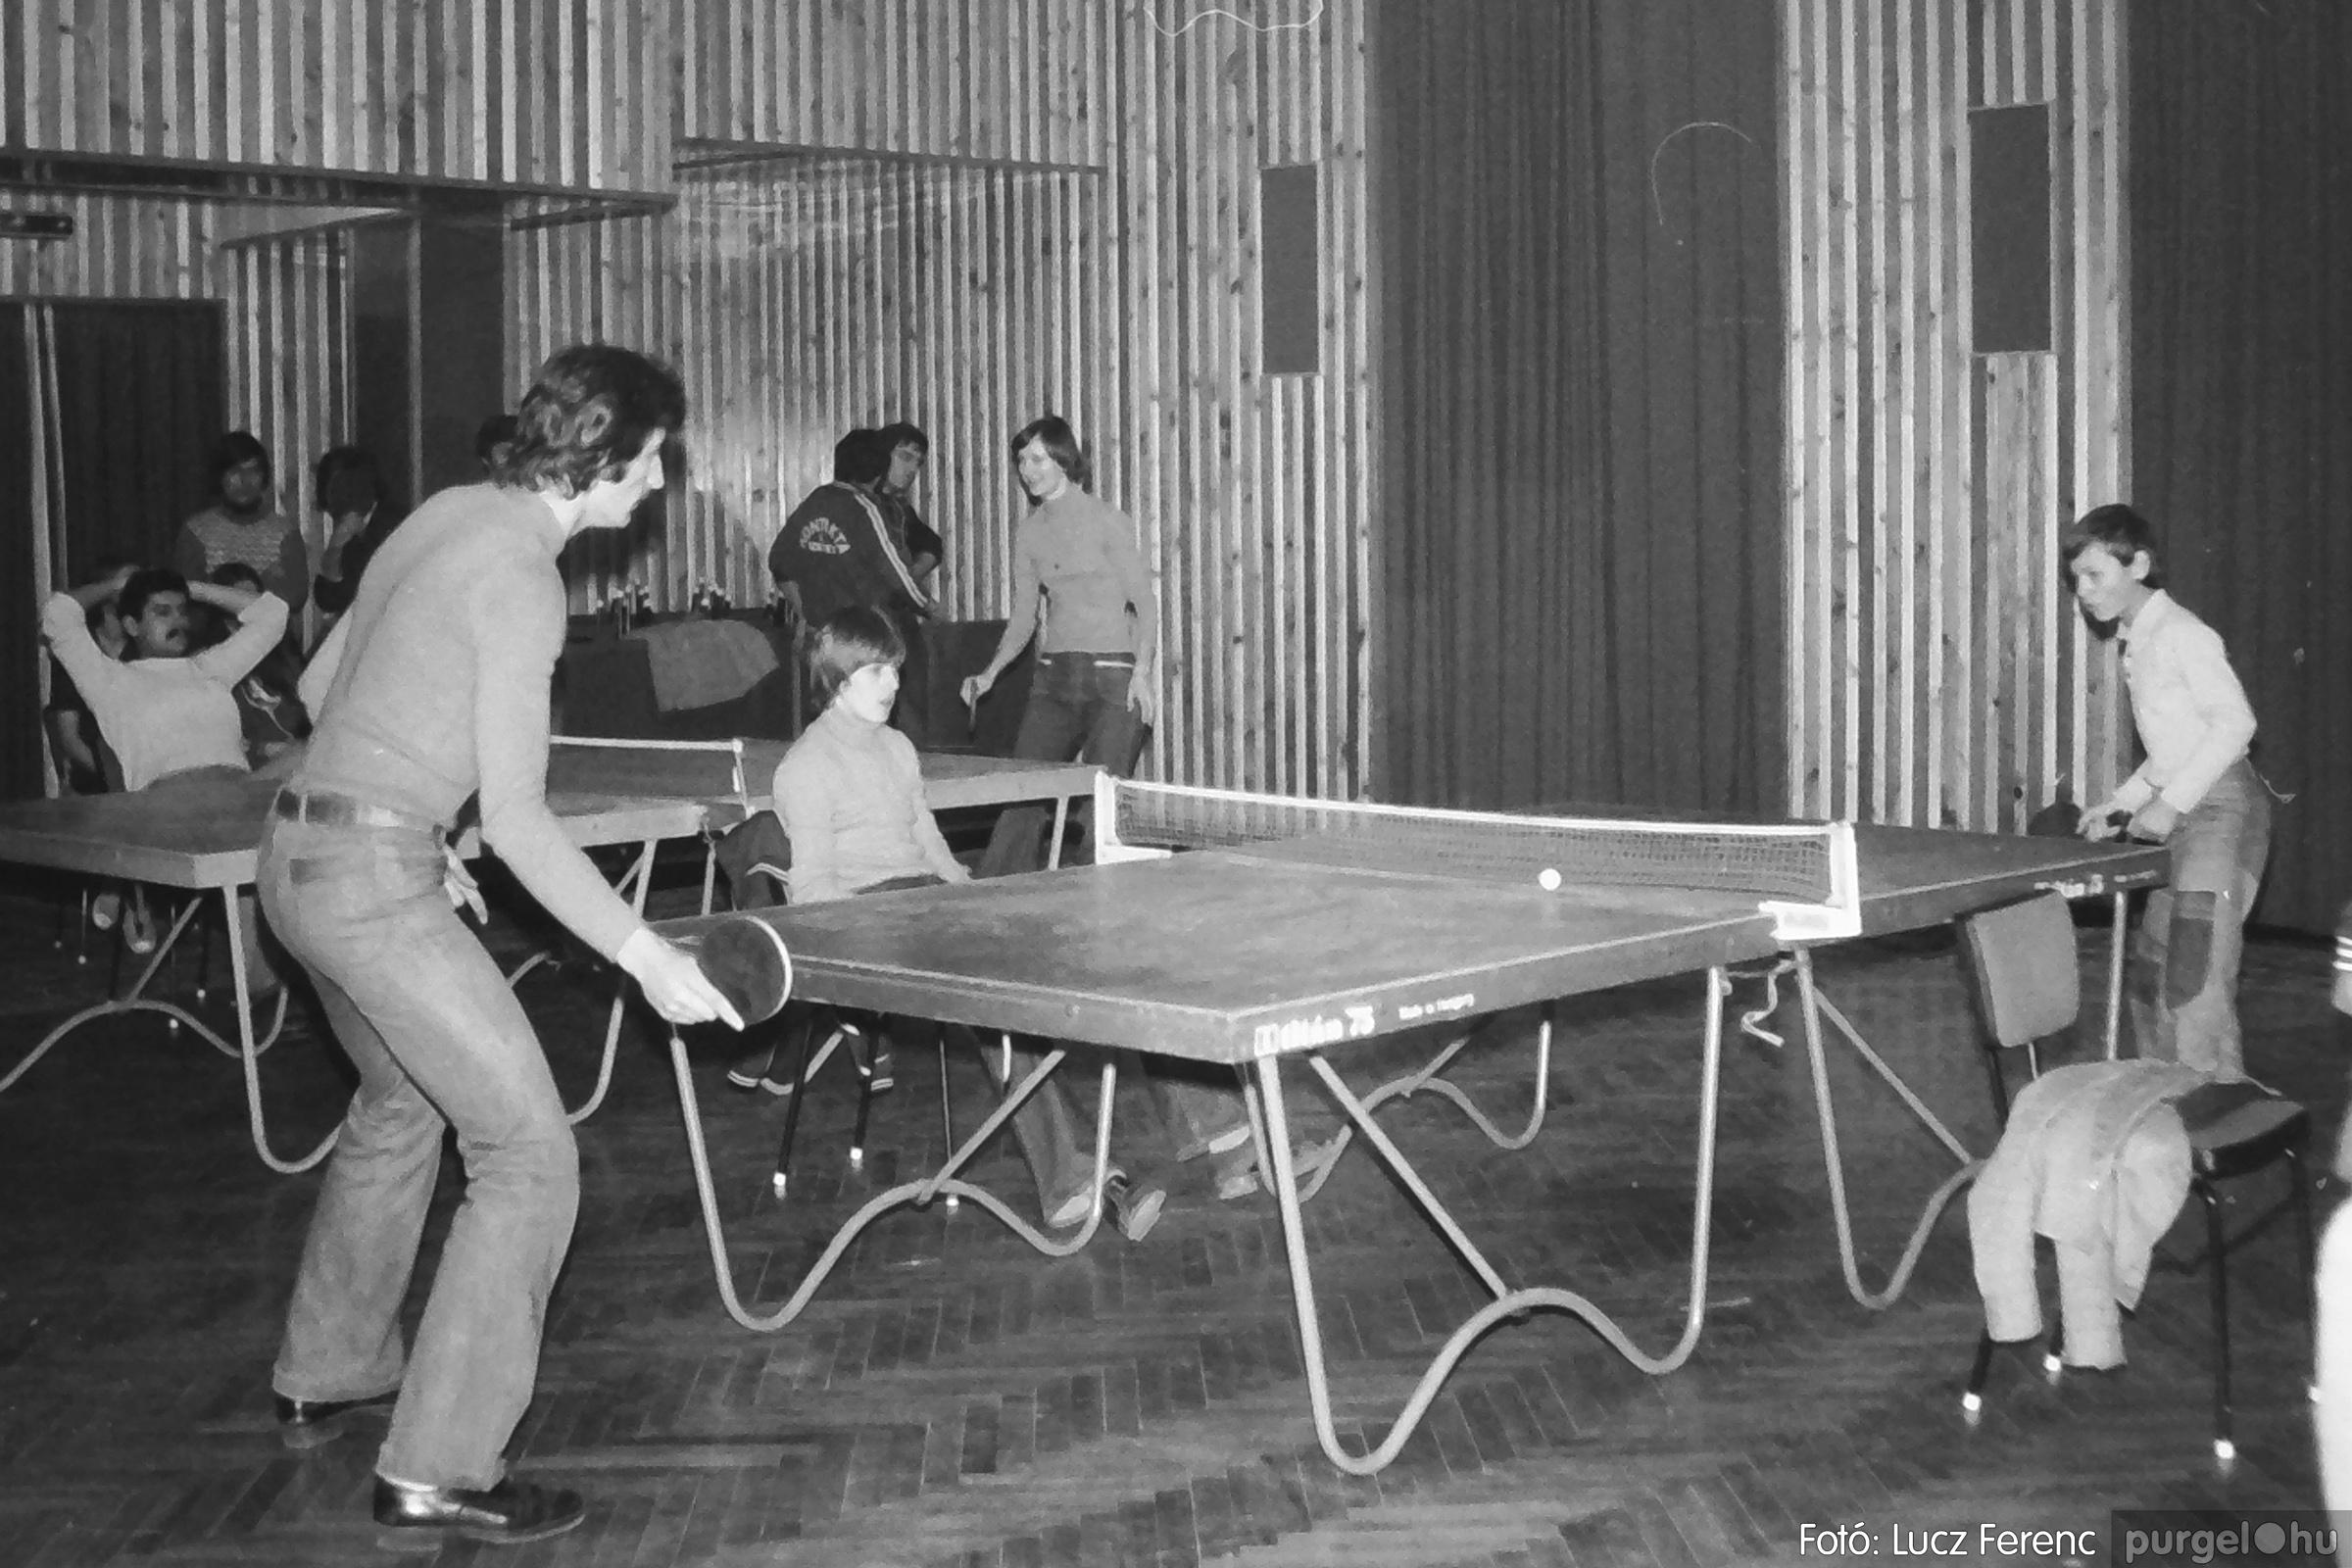 100. 1978. Asztaltenisz verseny 006. - Fotó: Lucz Ferenc.jpg